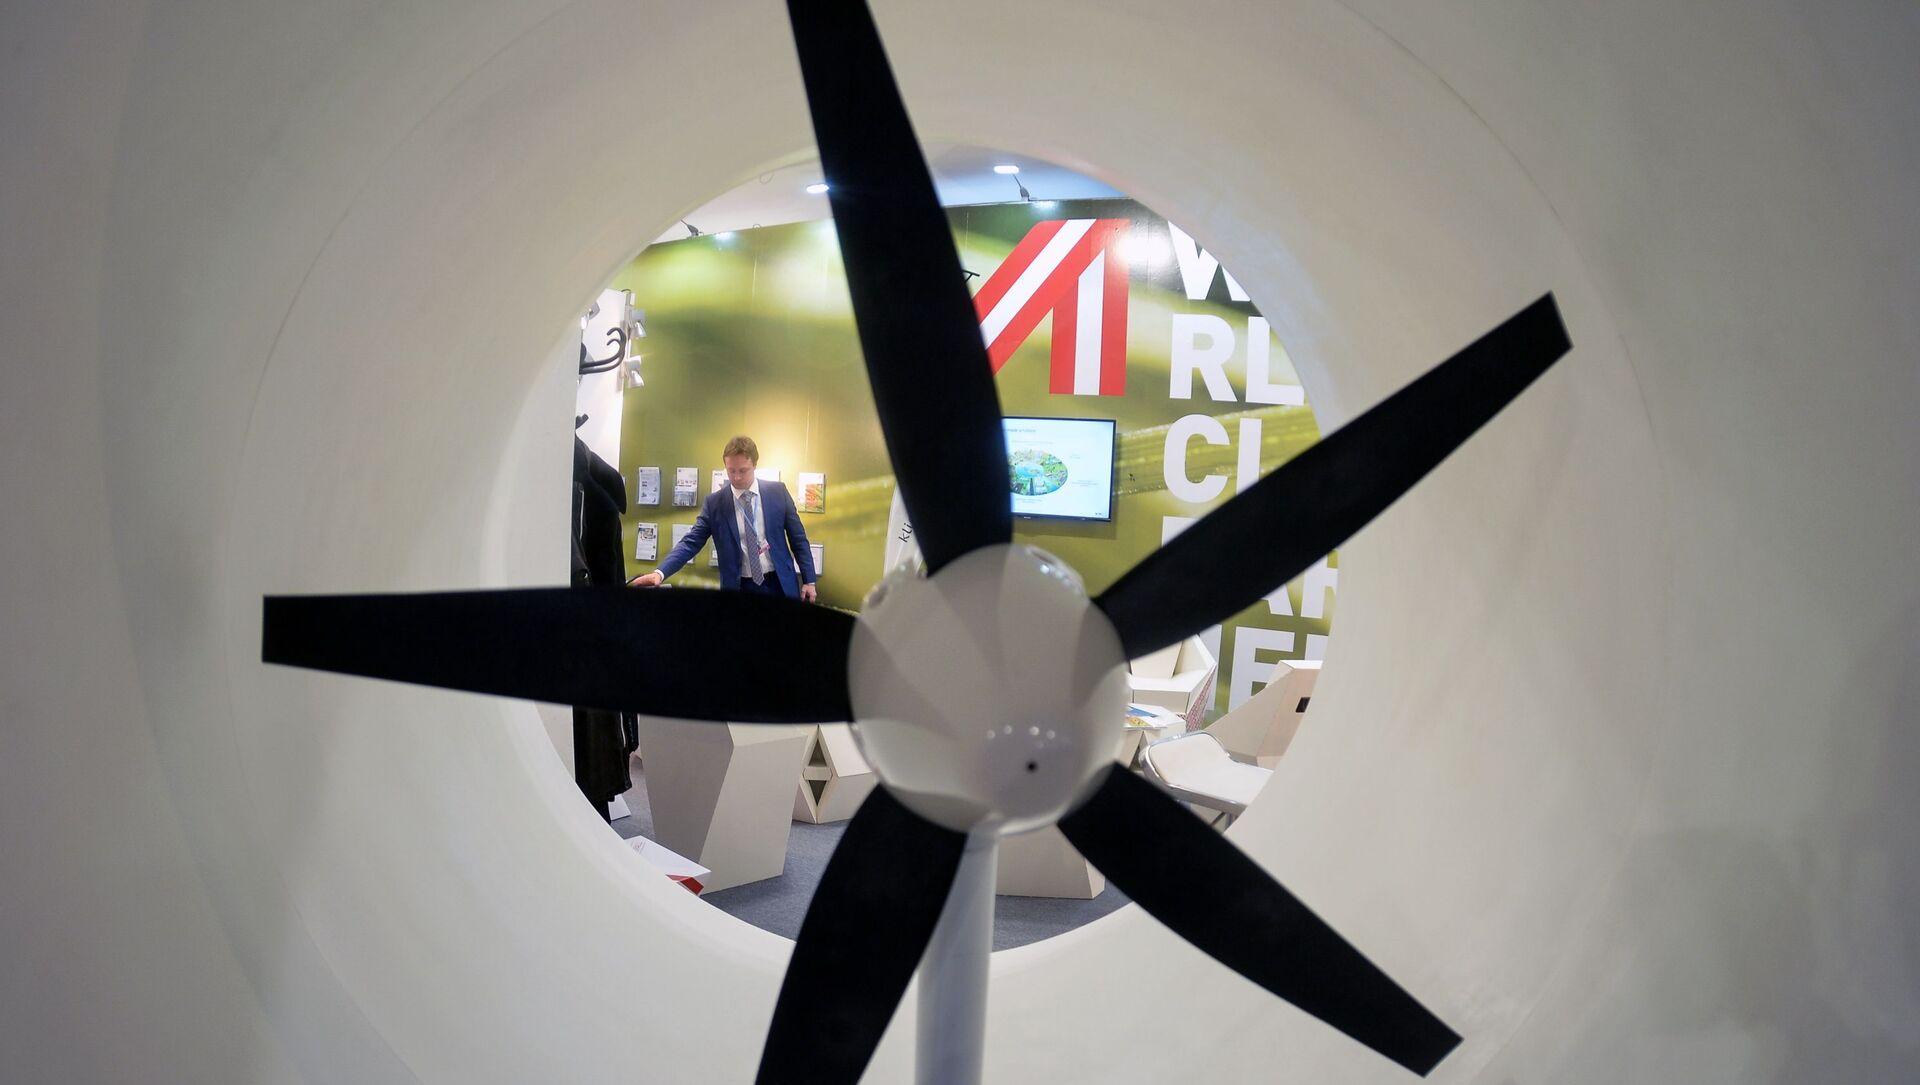 24-я Конференция ООН по изменению климата в Катовице - Sputnik Беларусь, 1920, 21.04.2021